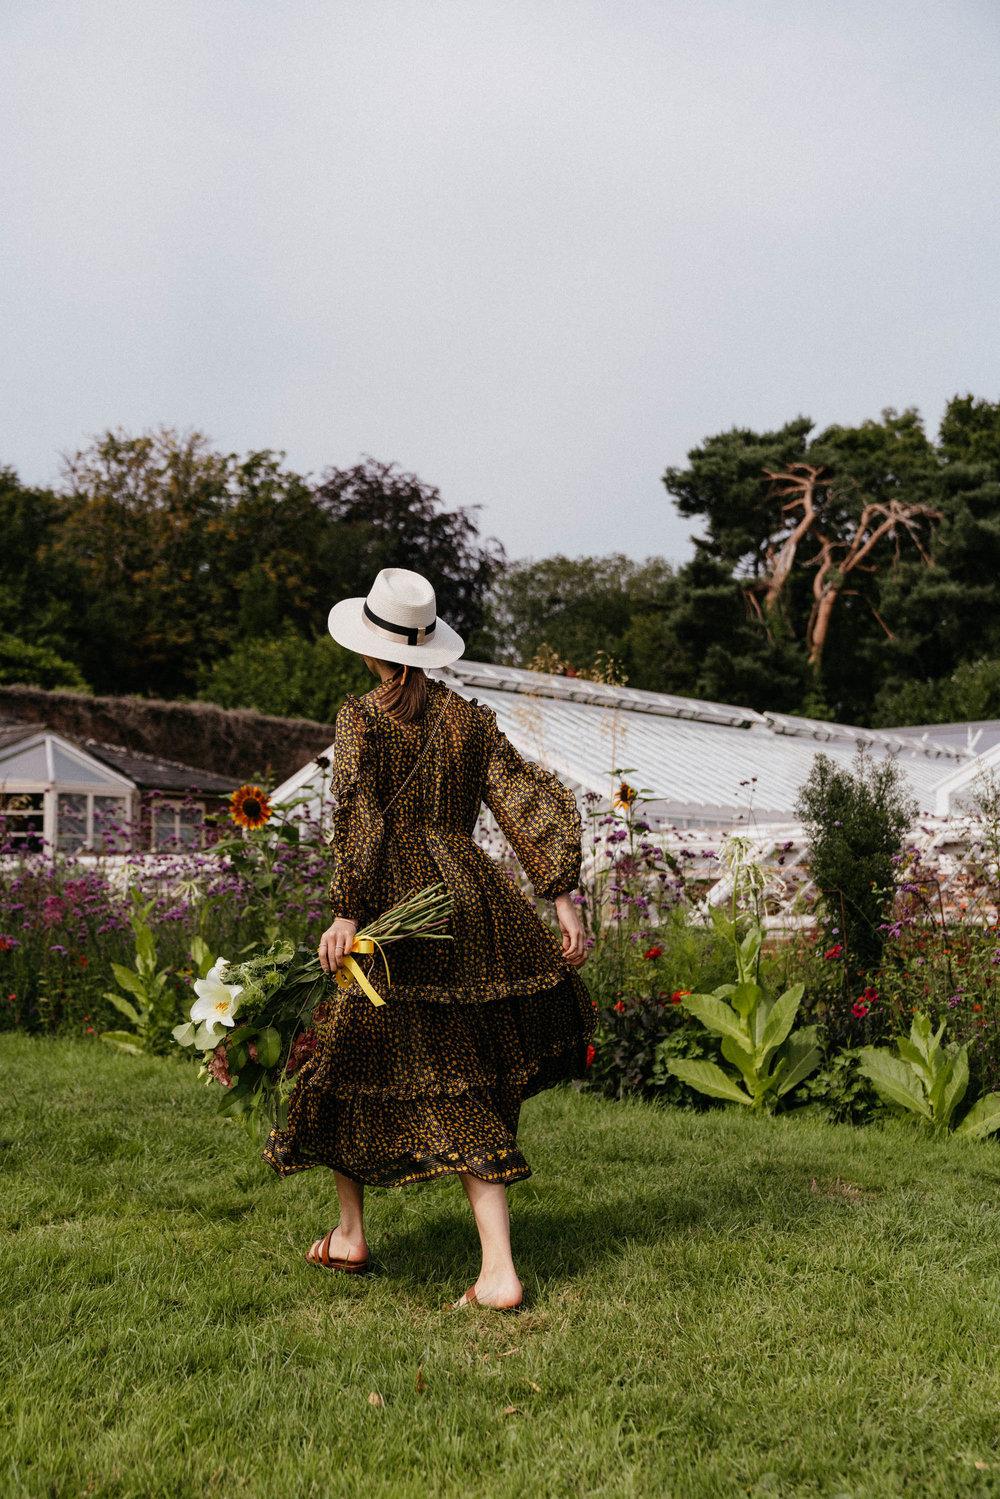 Ulla Johnson Dress , Manolo Blahnik Sandals, Gucci Bag, Maison Michel Hat,  Celine Sunglasses